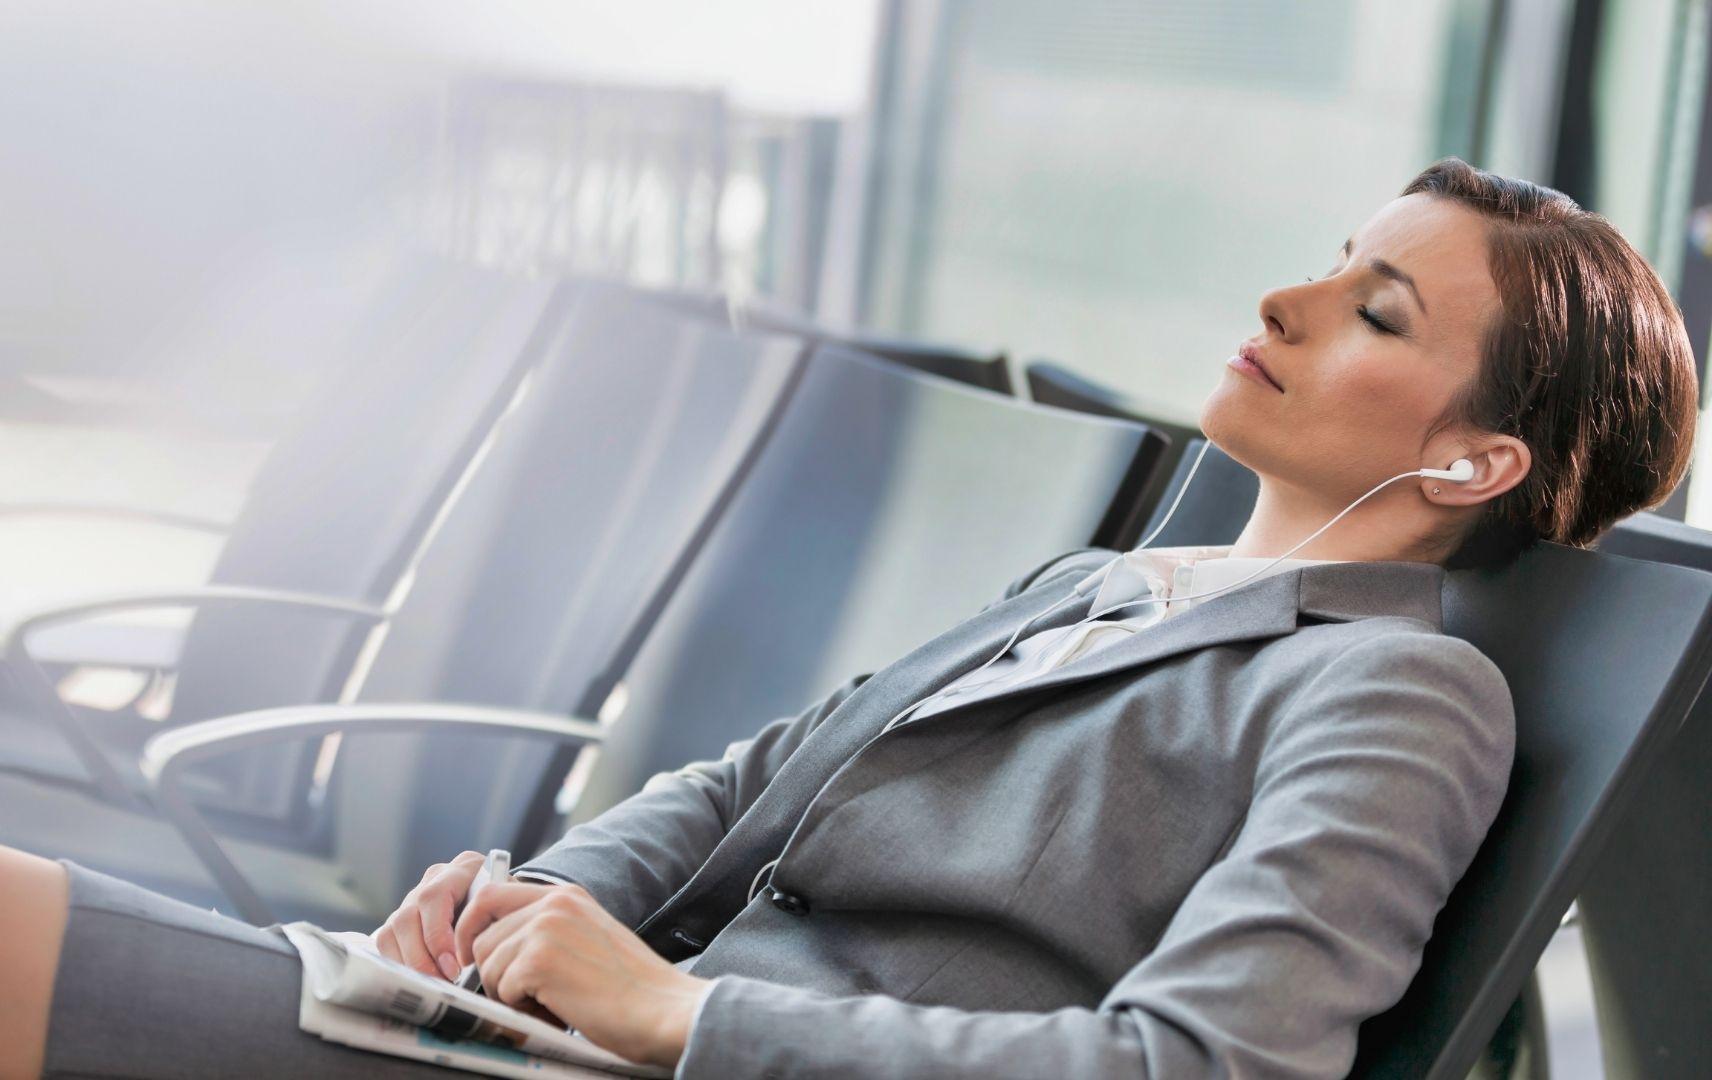 Frau entspannt am Flughafen